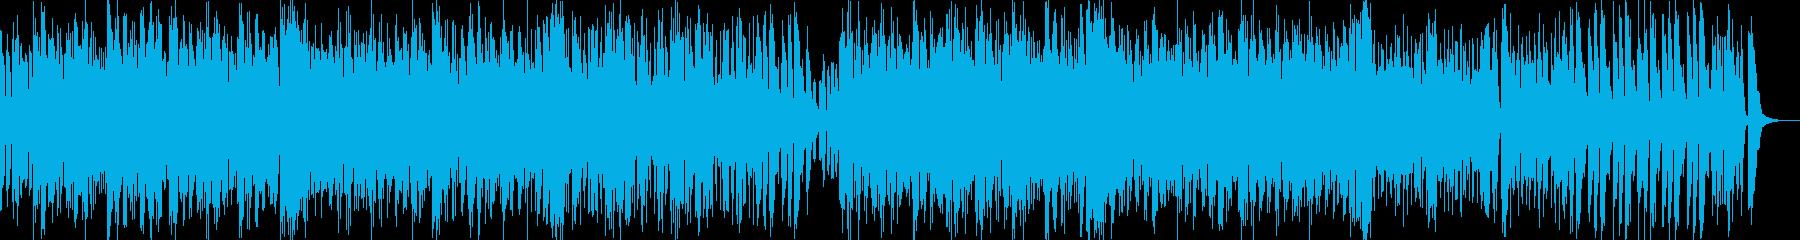 煌びやかで疾走感のあるアシッド・ジャズの再生済みの波形